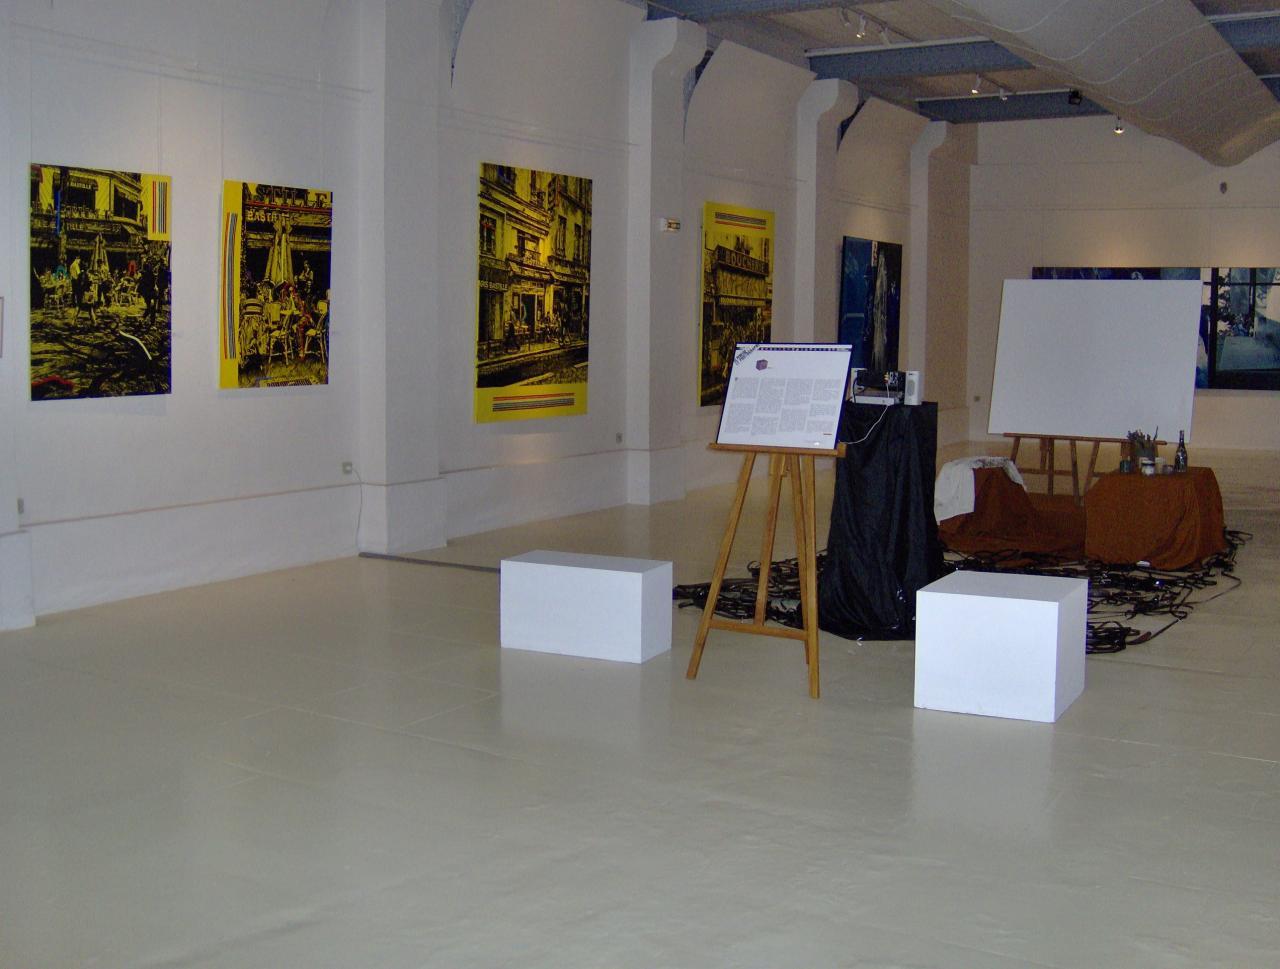 Bandes à part Palais Bénédictine Fécamp 2006